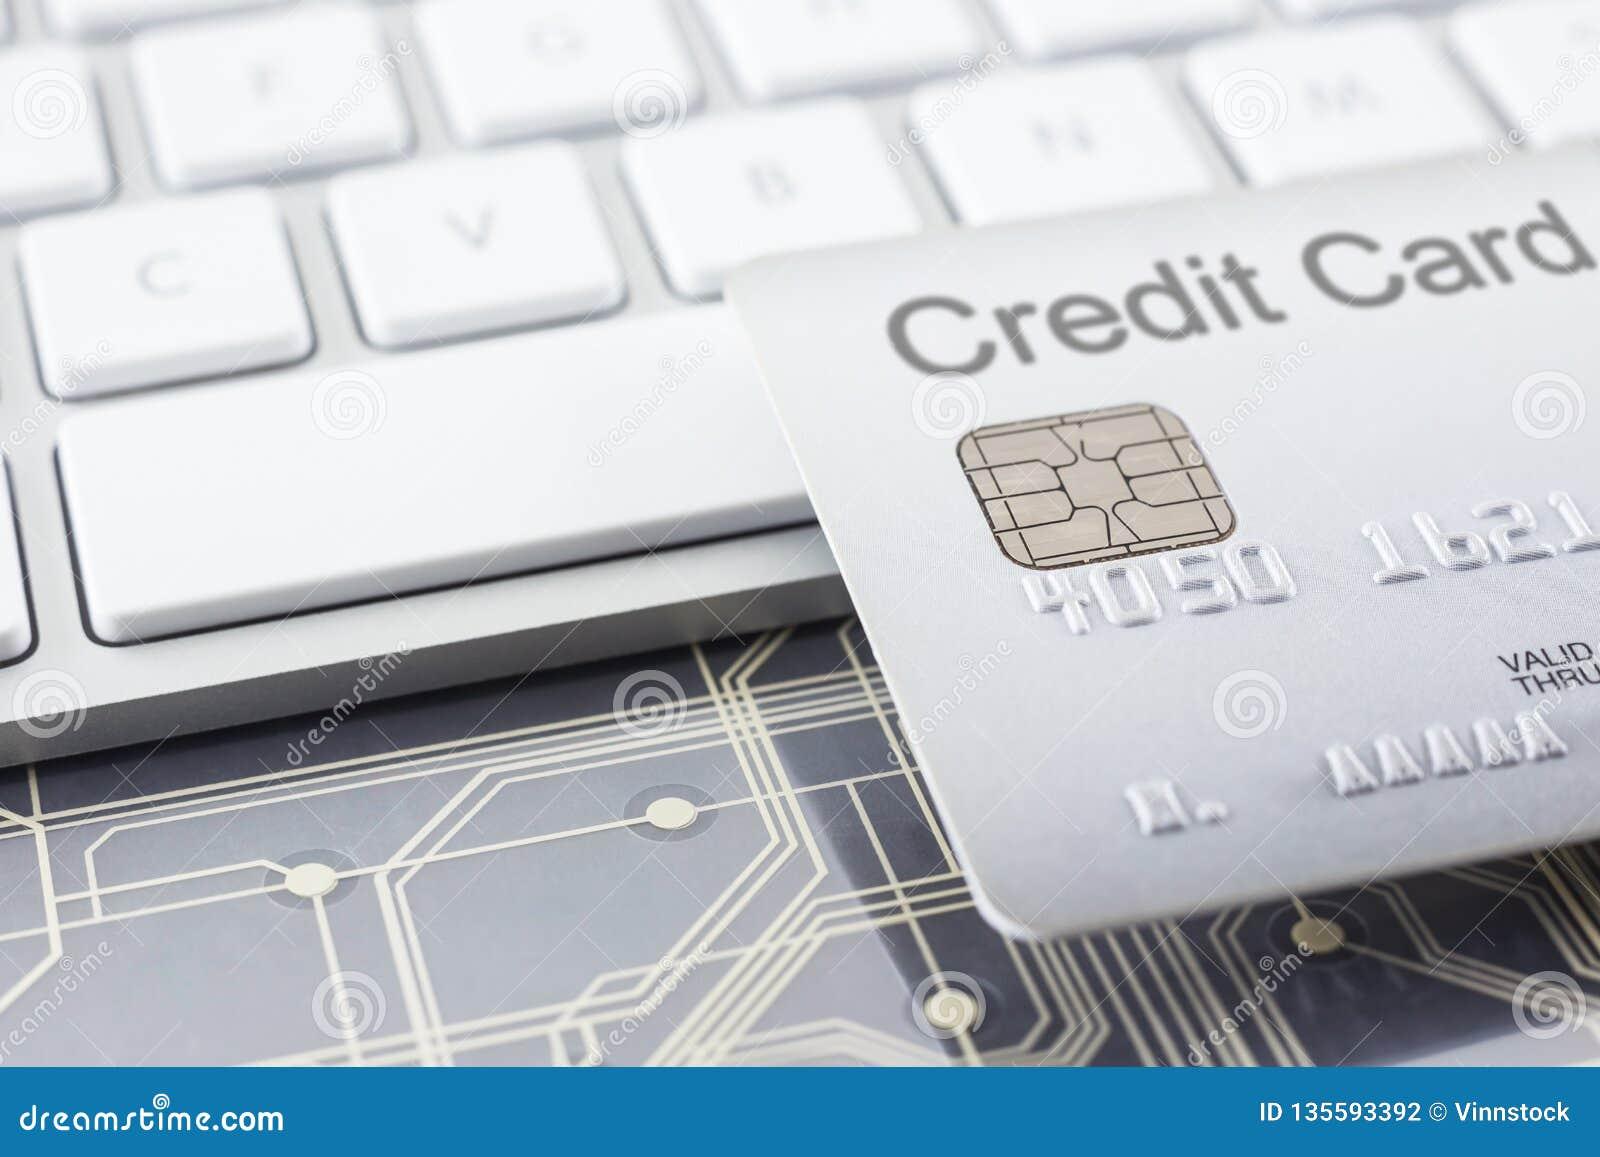 Silberne Kreditkarte mit Digitalschaltungen und Tastatur